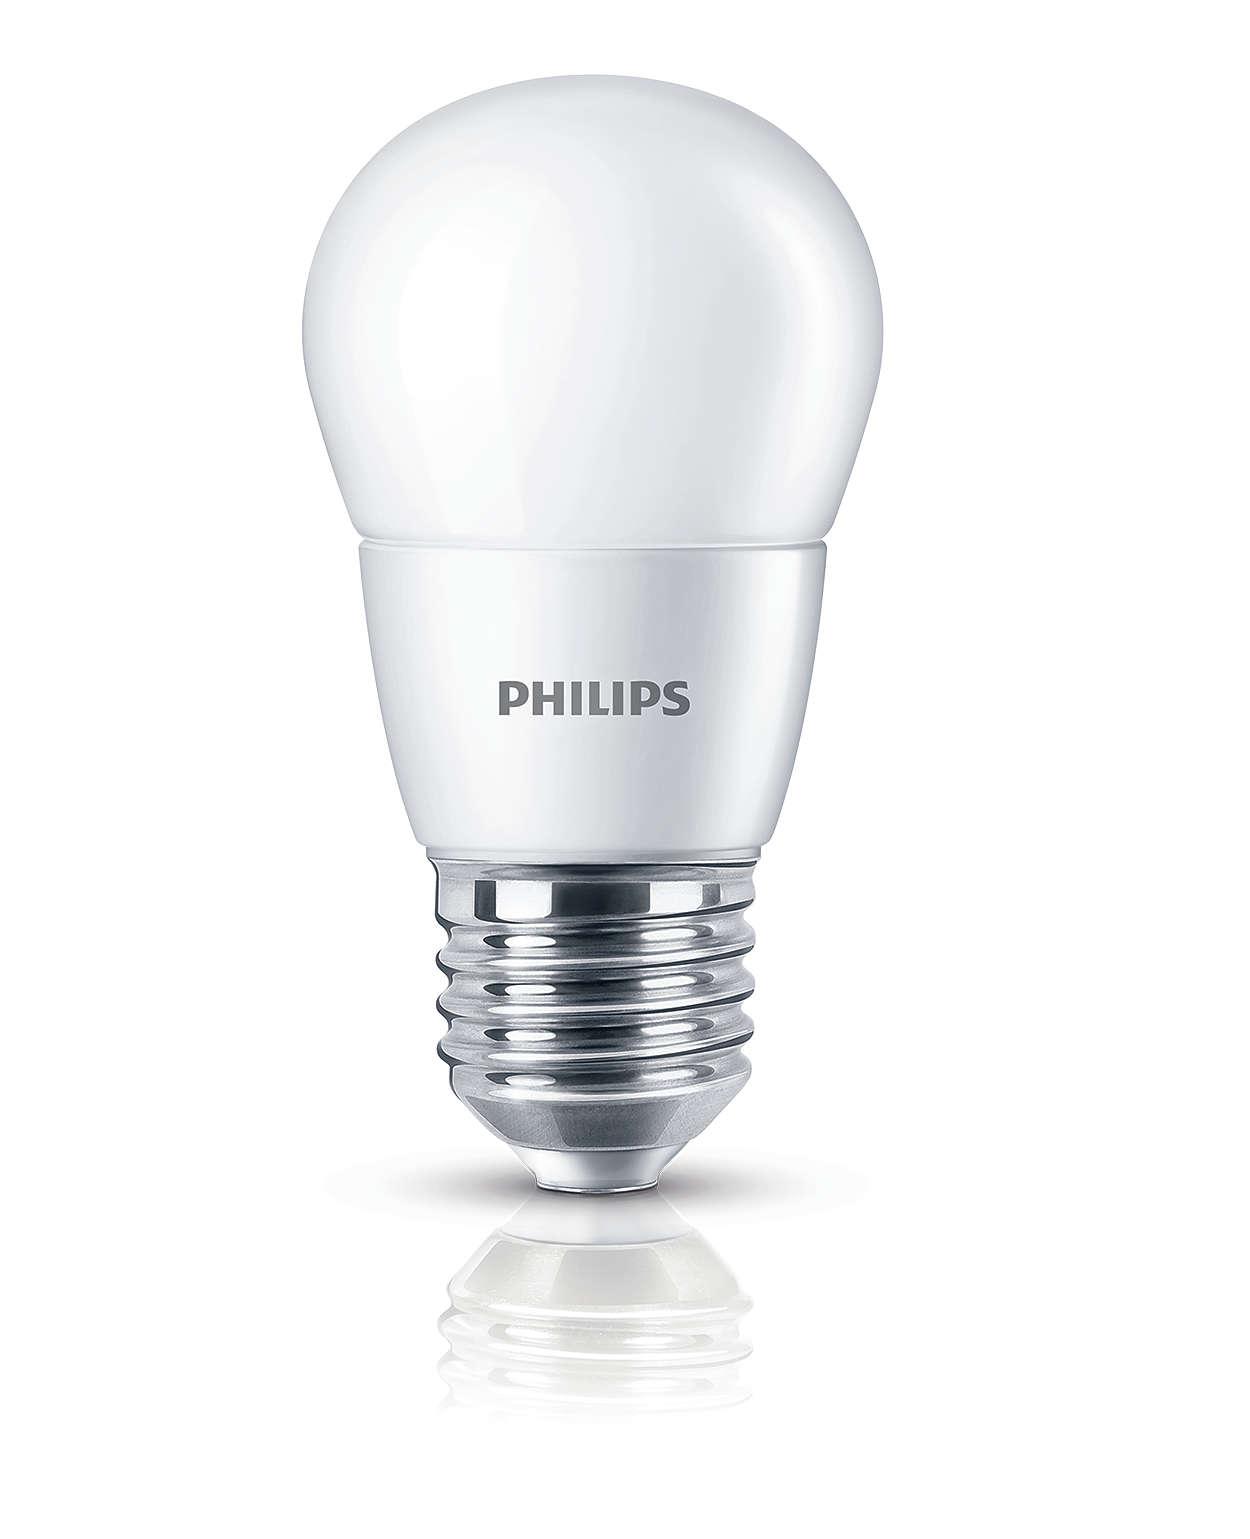 Bóng đèn LED hiện đại cho ngôi nhà bạn